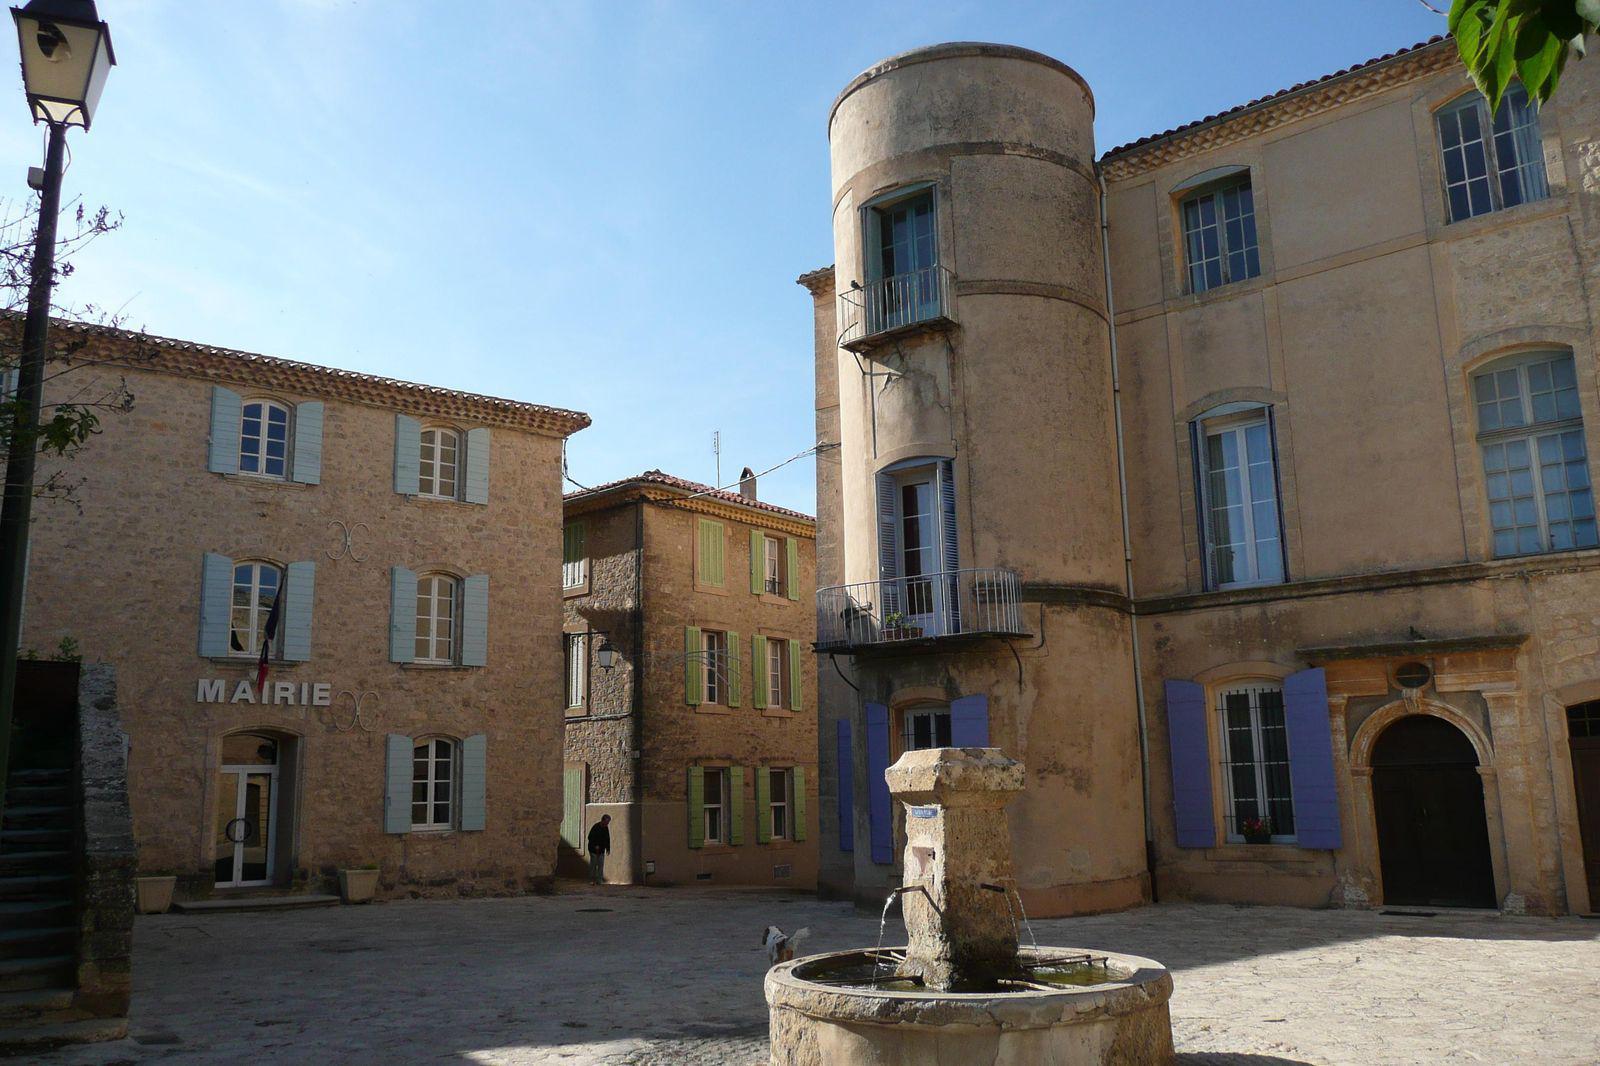 Fontaine, place et mairie du village de Grambois (84240), Luberon, Vaucluse (84)